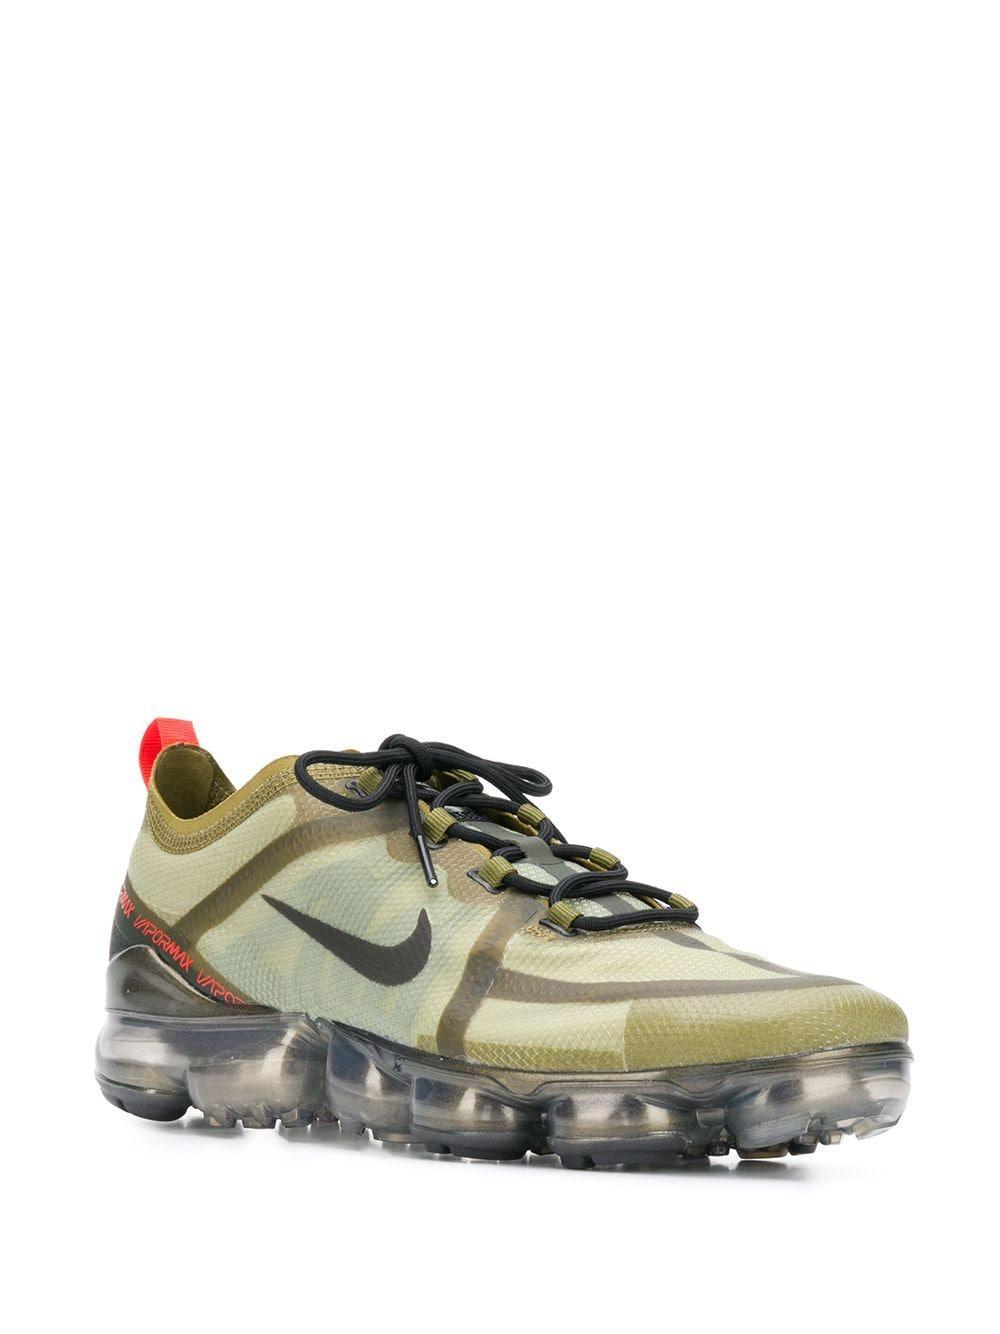 Zapatillas Vapormax 2019 Nike de Tejido sintético de color Verde para hombre